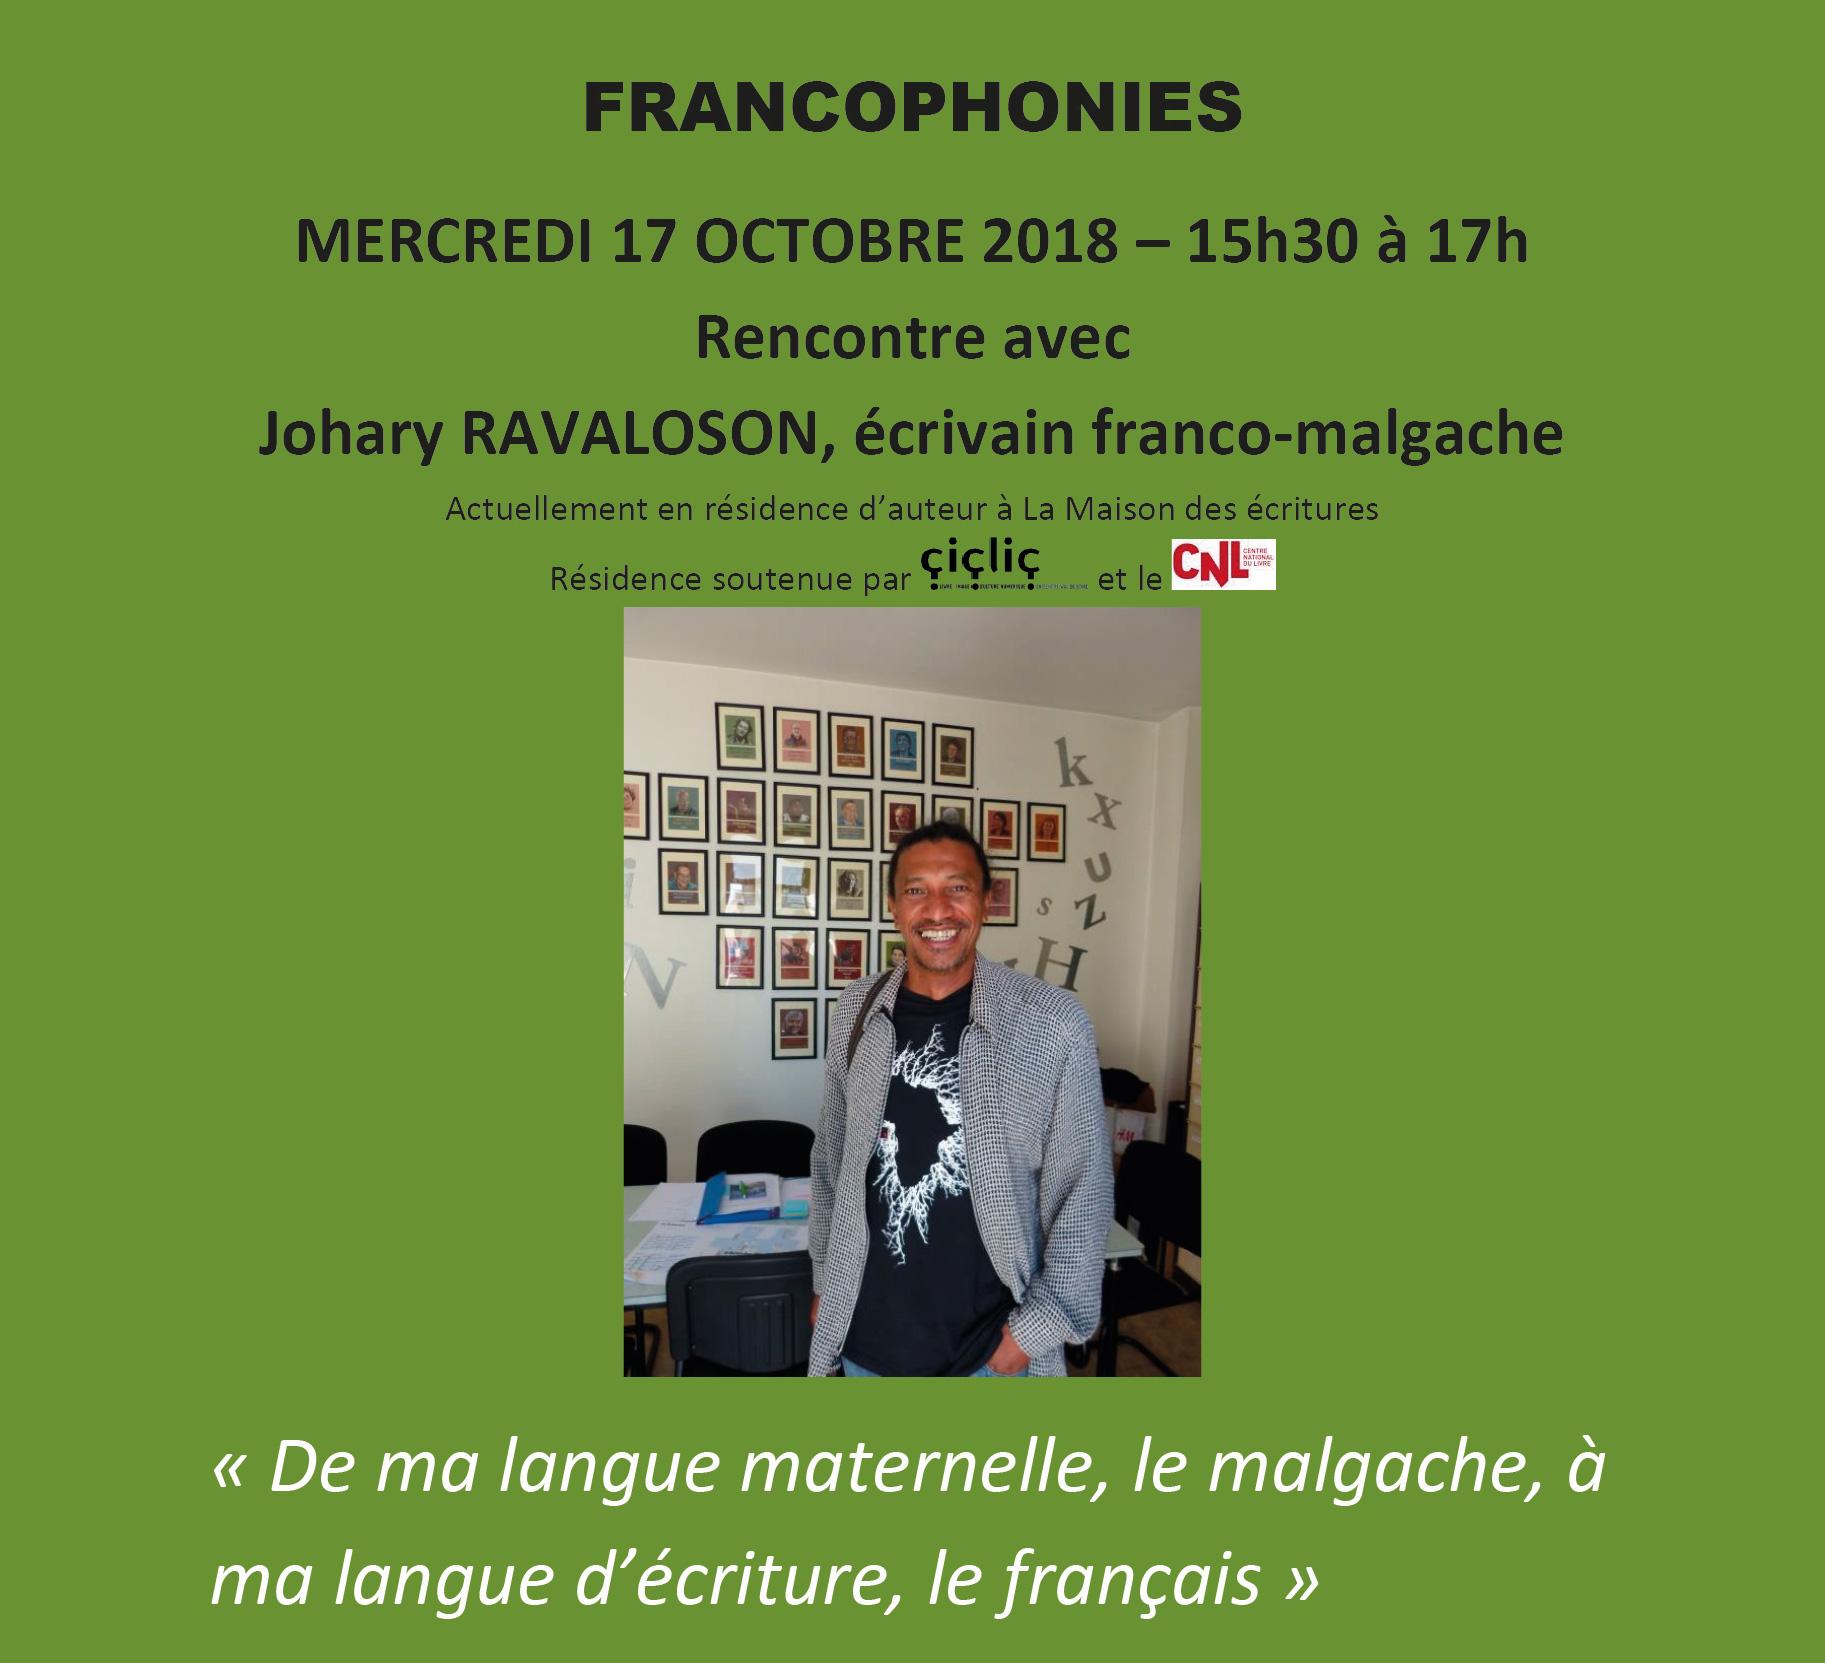 Site rencontre franco-malgache gratuit Site de rencontre gratuit bamako